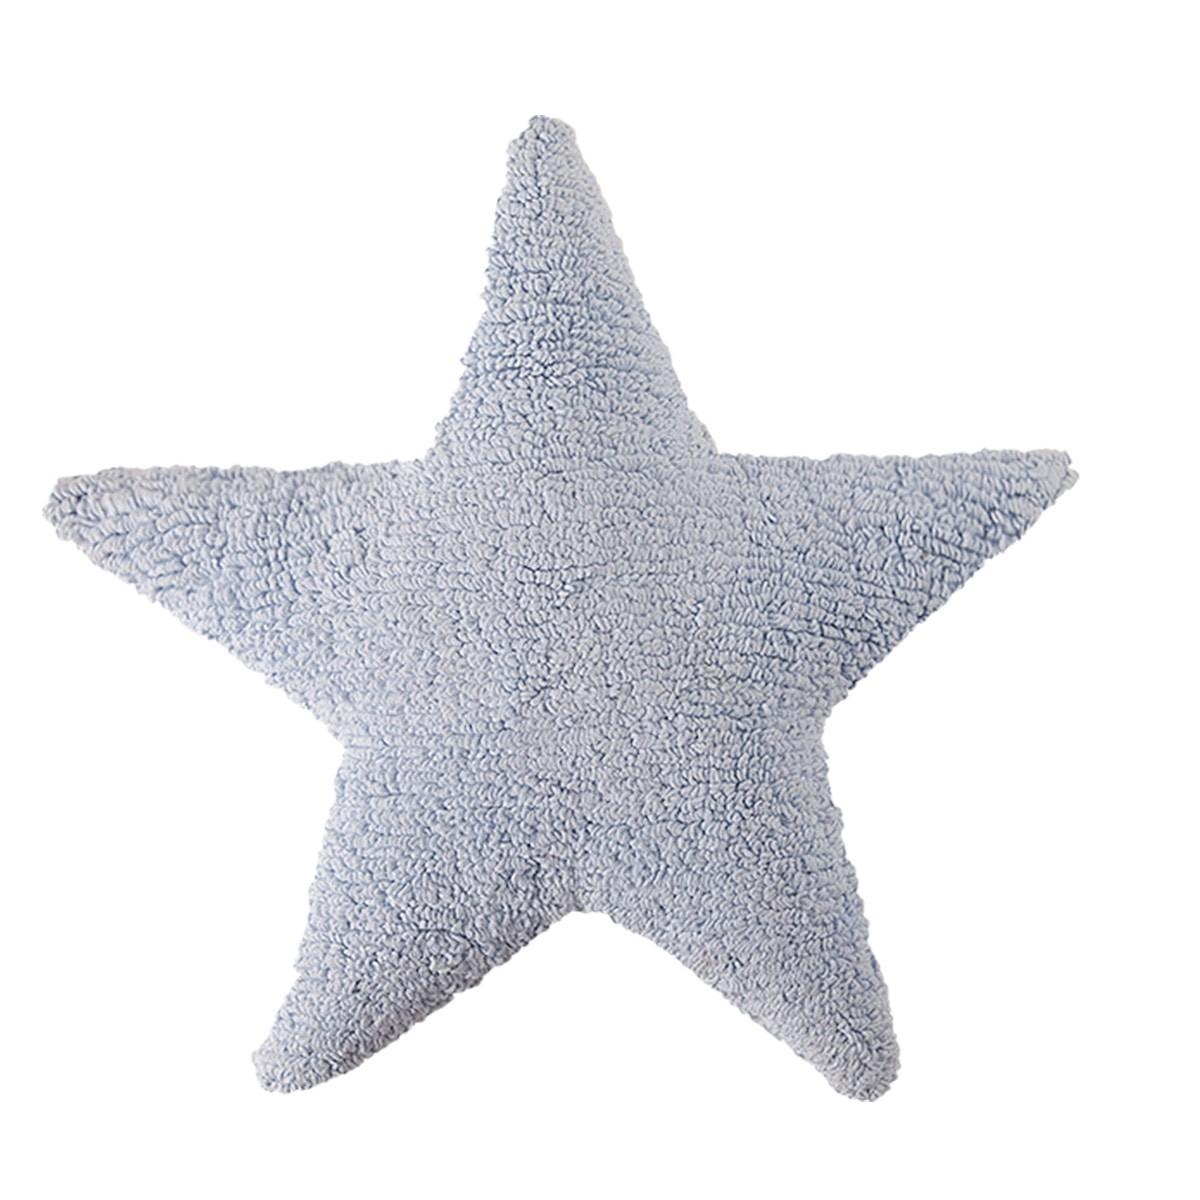 Διακοσμητικό Μαξιλάρι Lorena Canals Star Blue